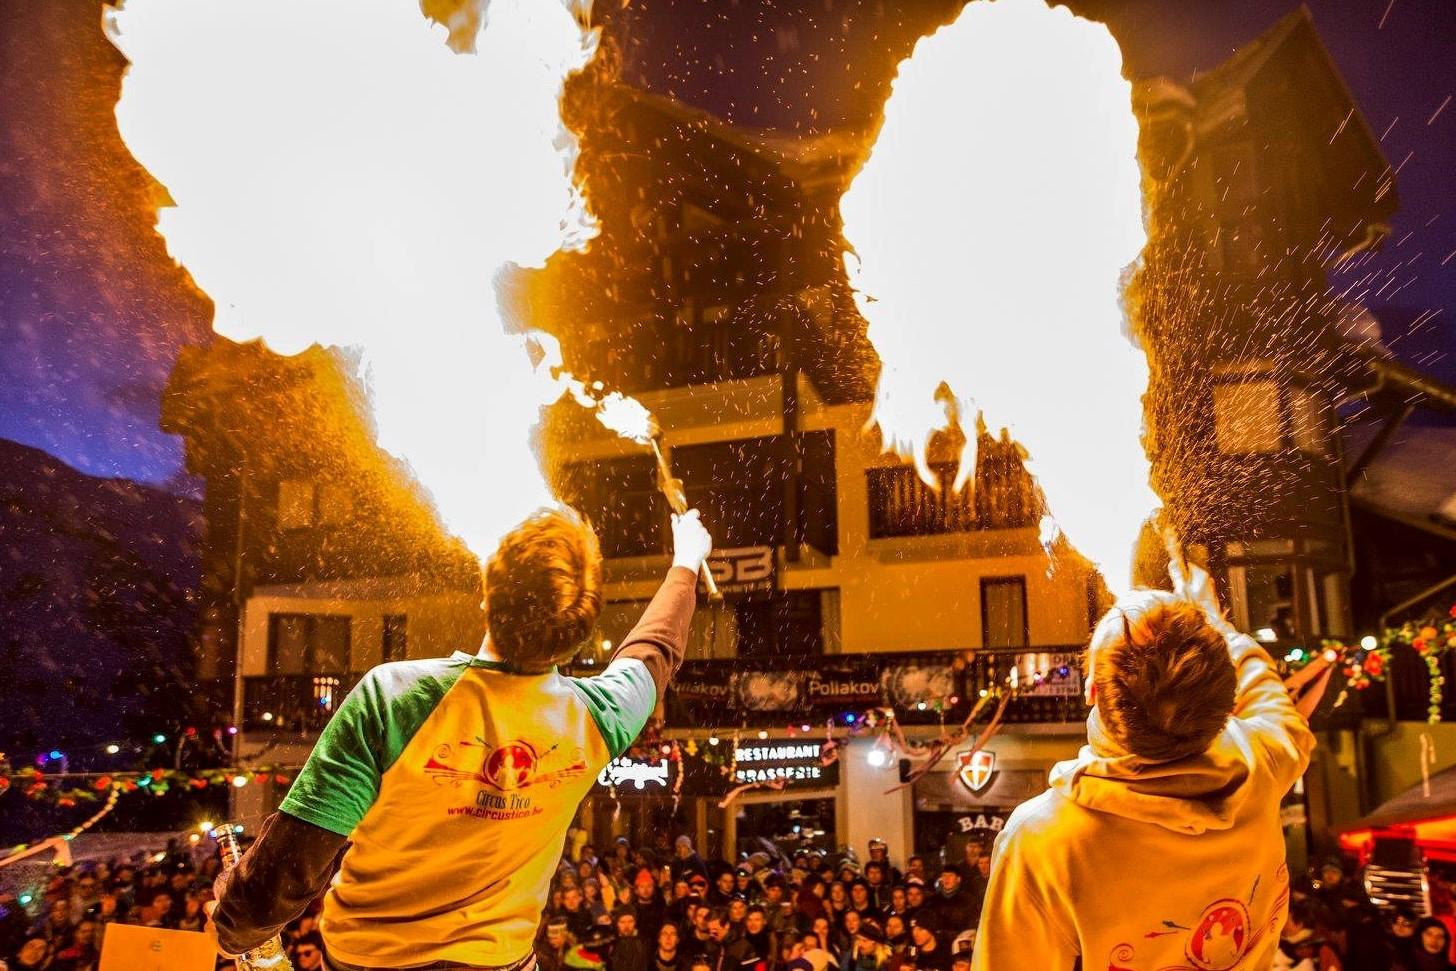 CONCEPTUELE VERWENNERIJ#vuur, spektakel en shows van artiesten